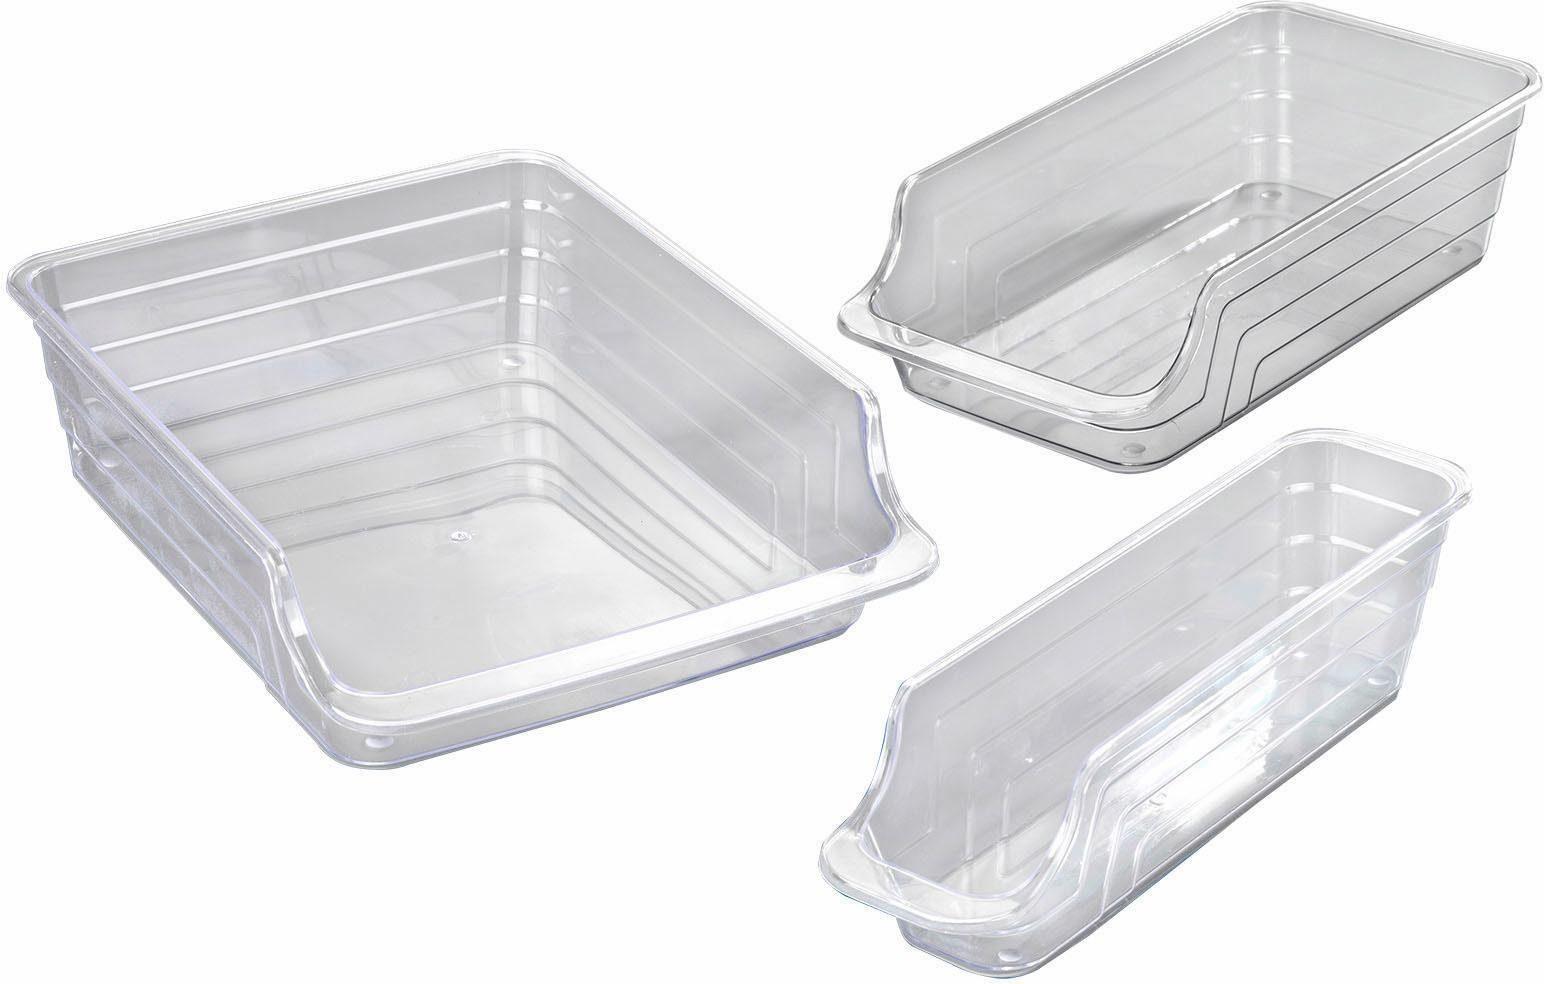 Kühlschrank Klemmschublade : Wenko kühlschrank organizer er set online kaufen otto